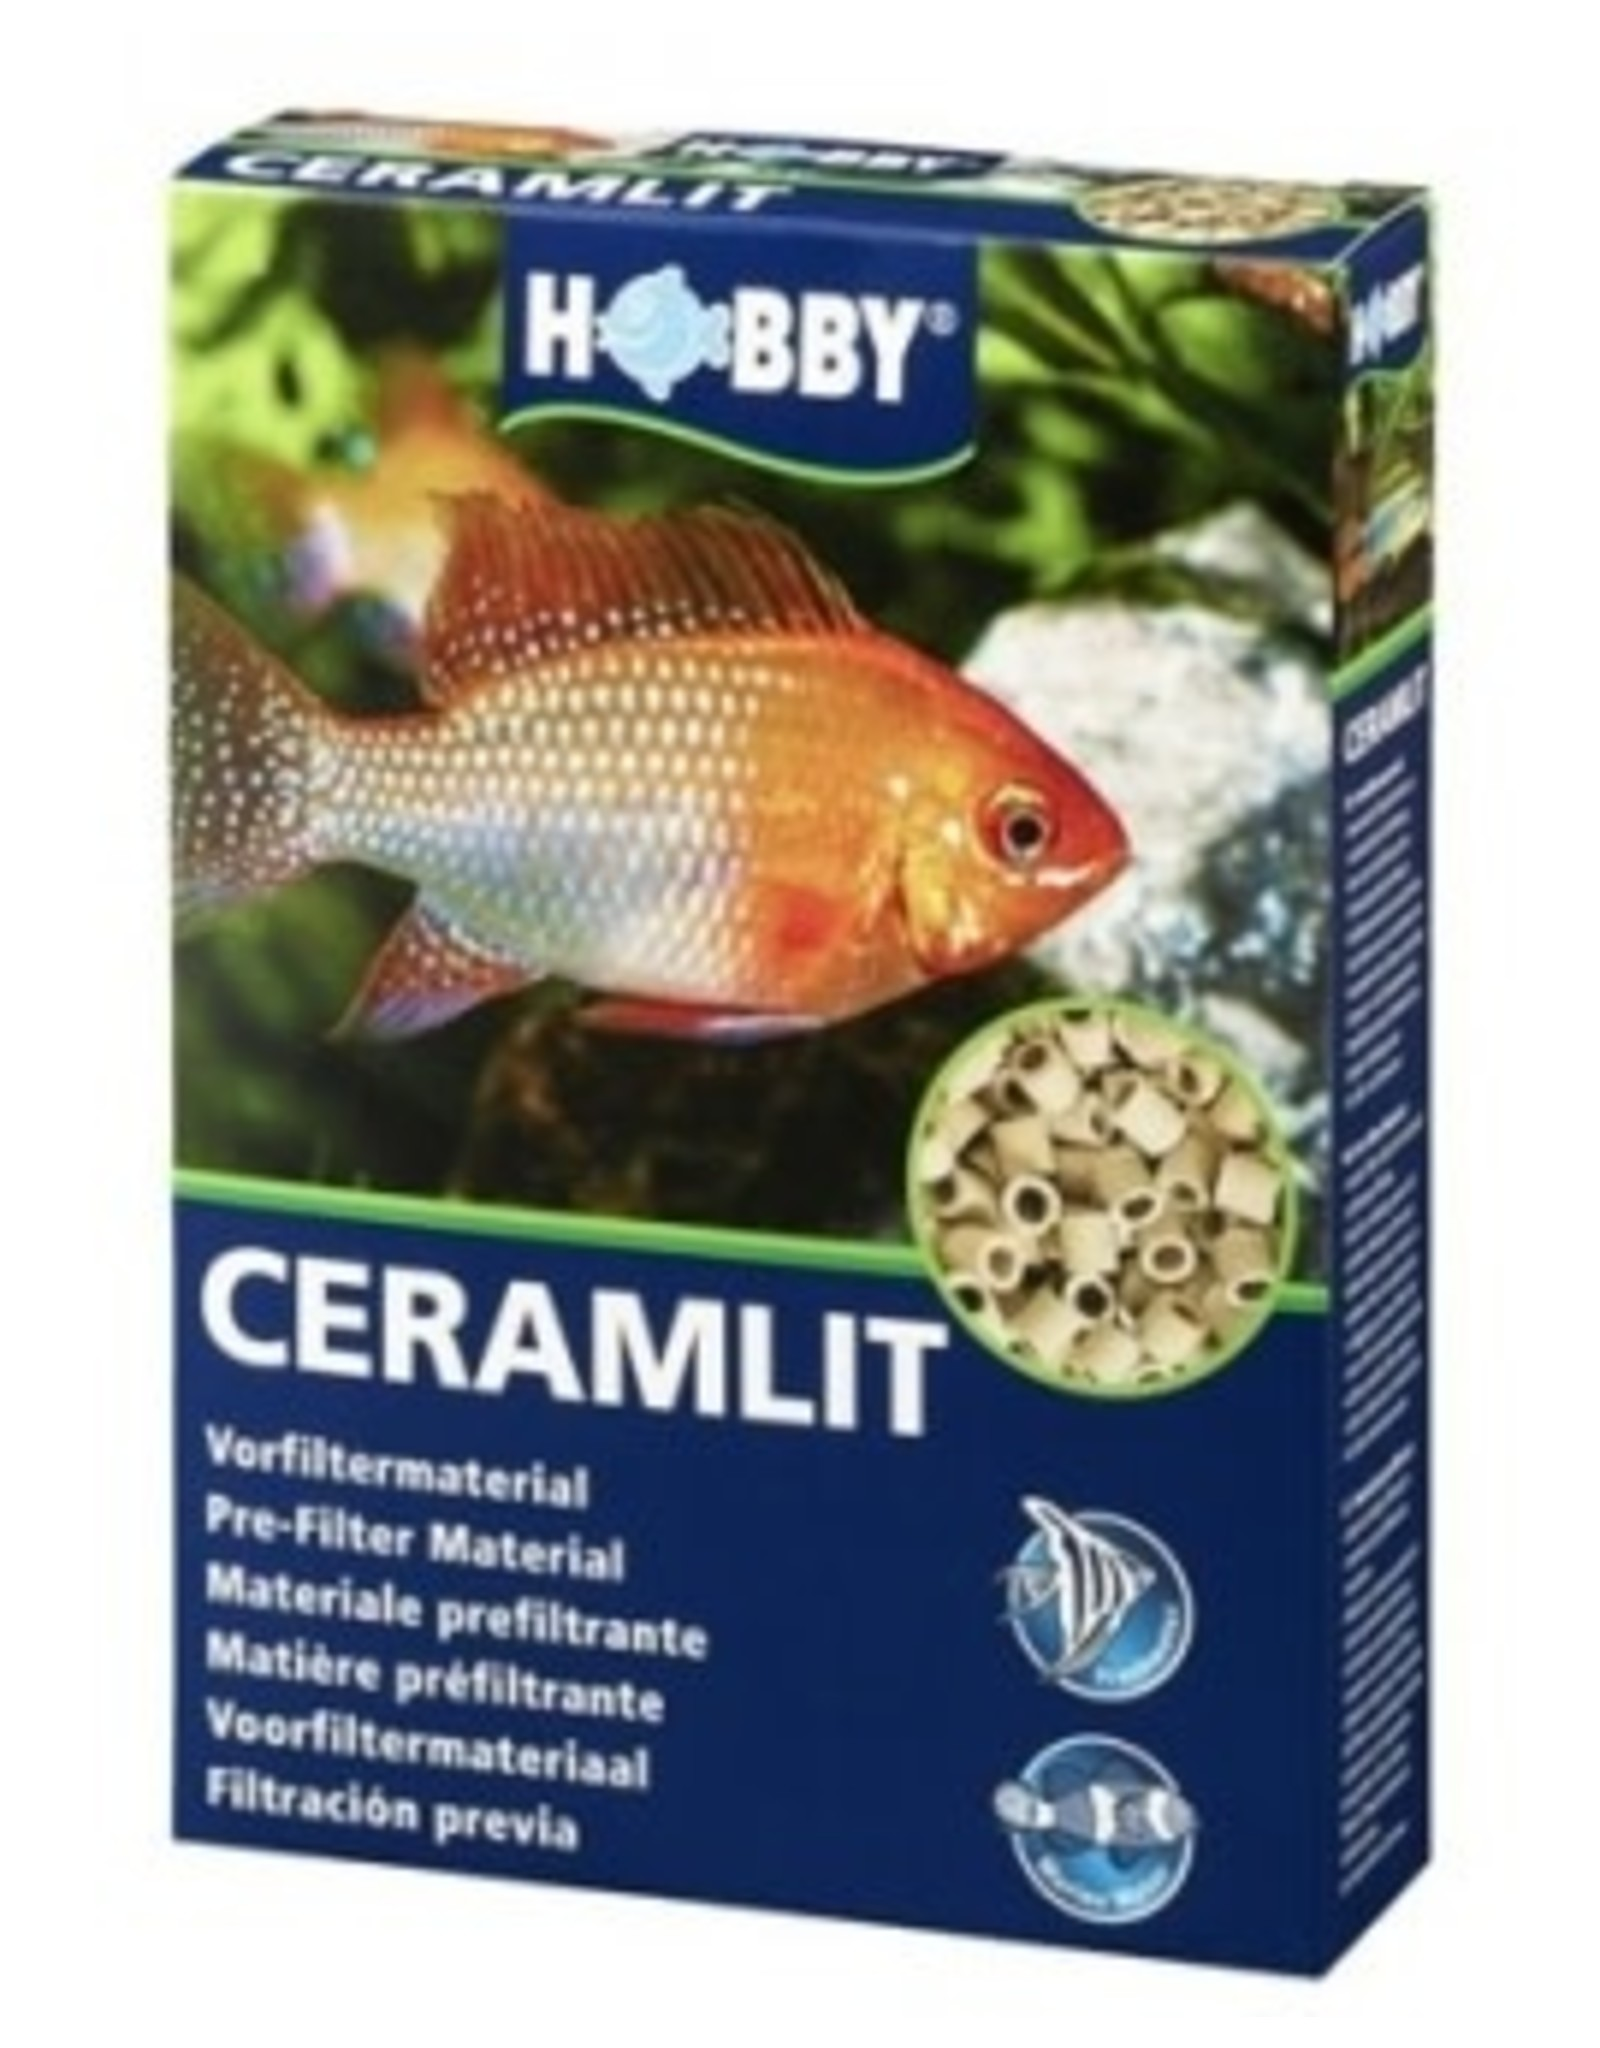 Hobby CERAMLIT 600gr